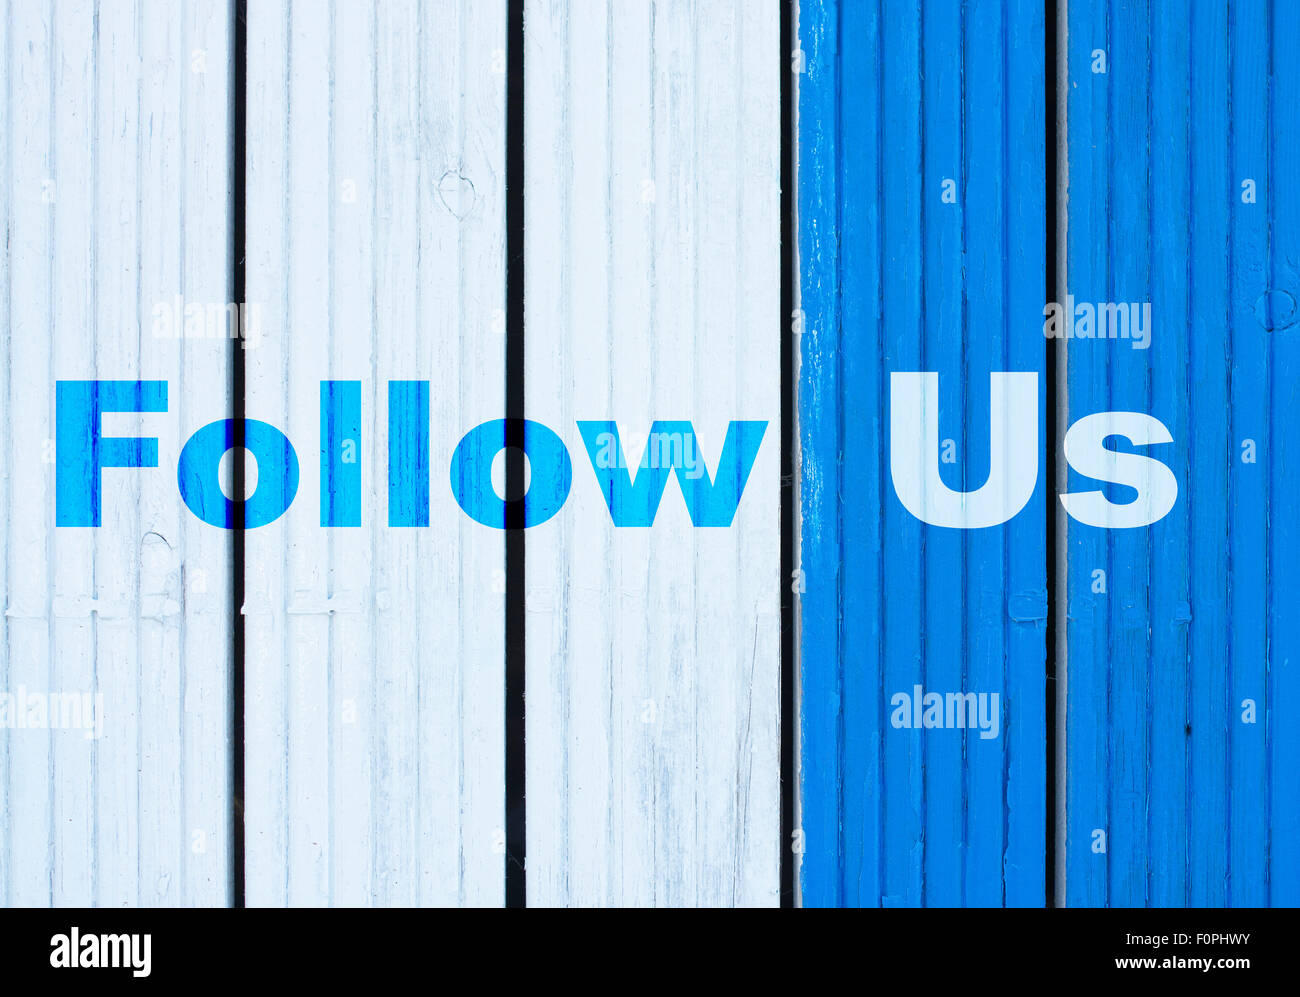 Follow Us - Stock Image